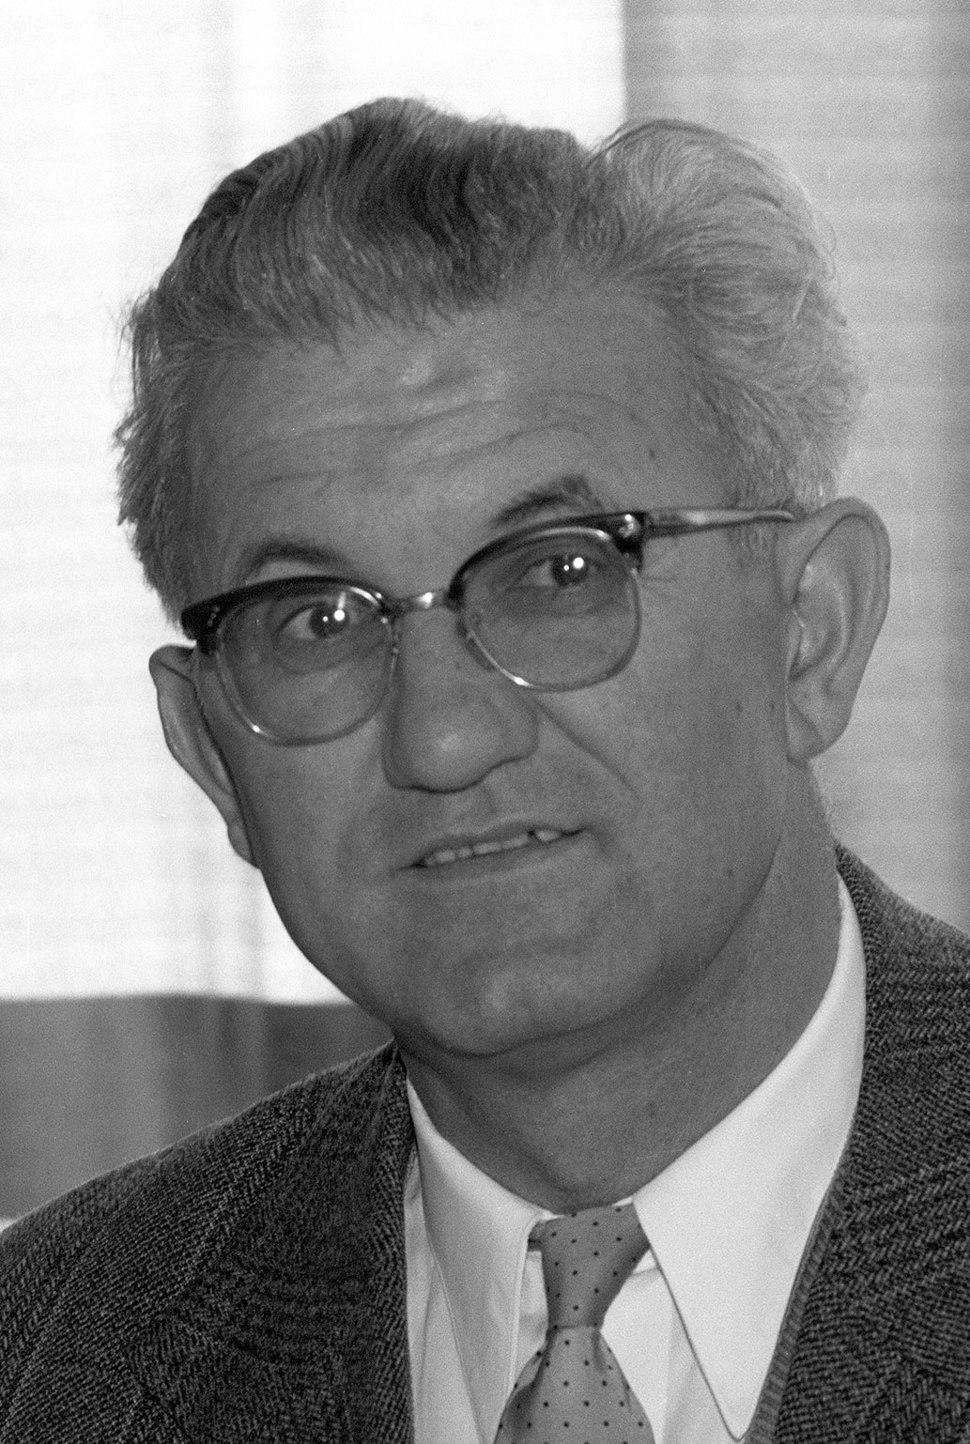 Petar Stamboli%C4%87 1958